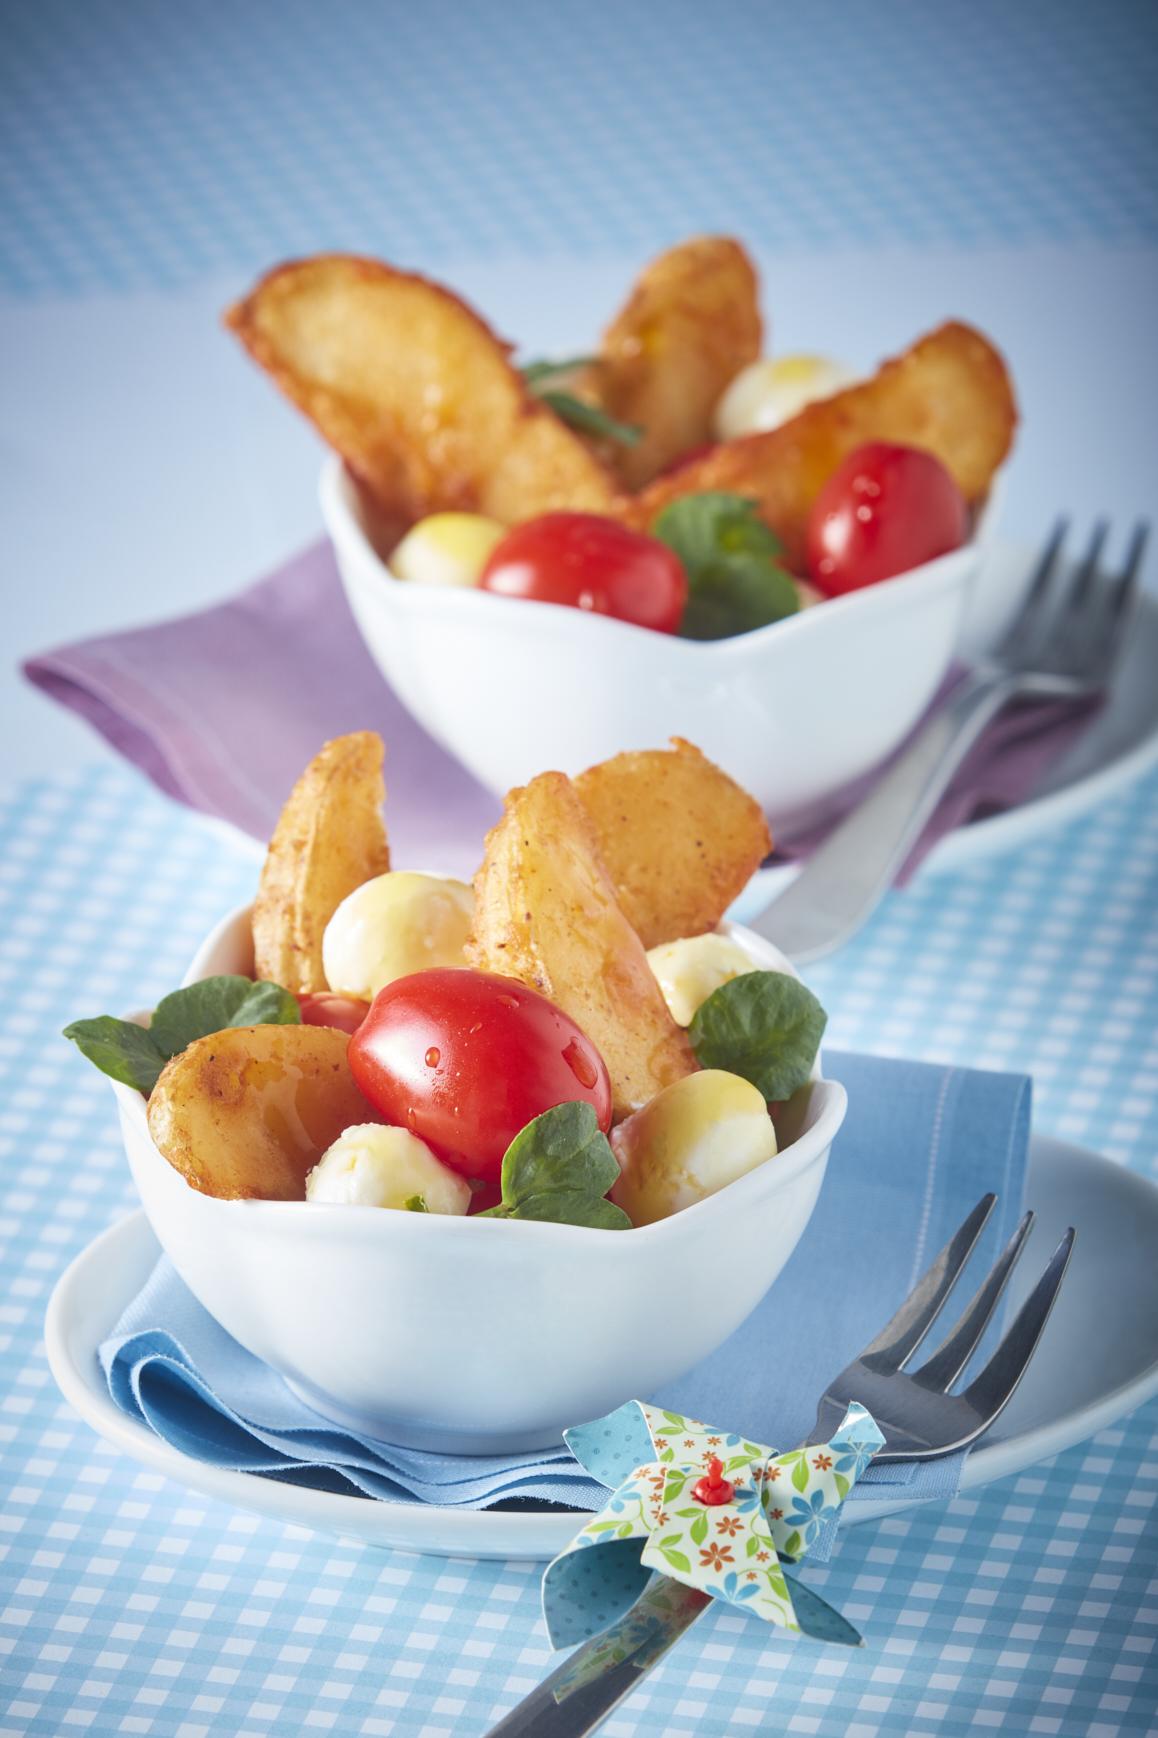 Ensalada de papa con jitomate y mozzarella-Corregido